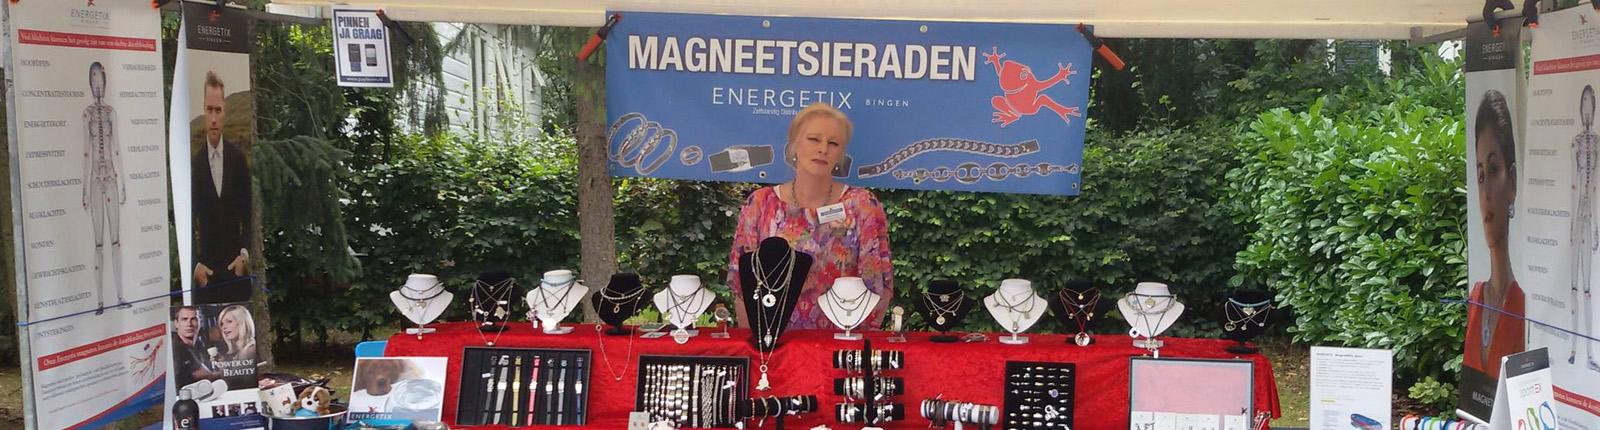 energetix-stand-voorthuizen2